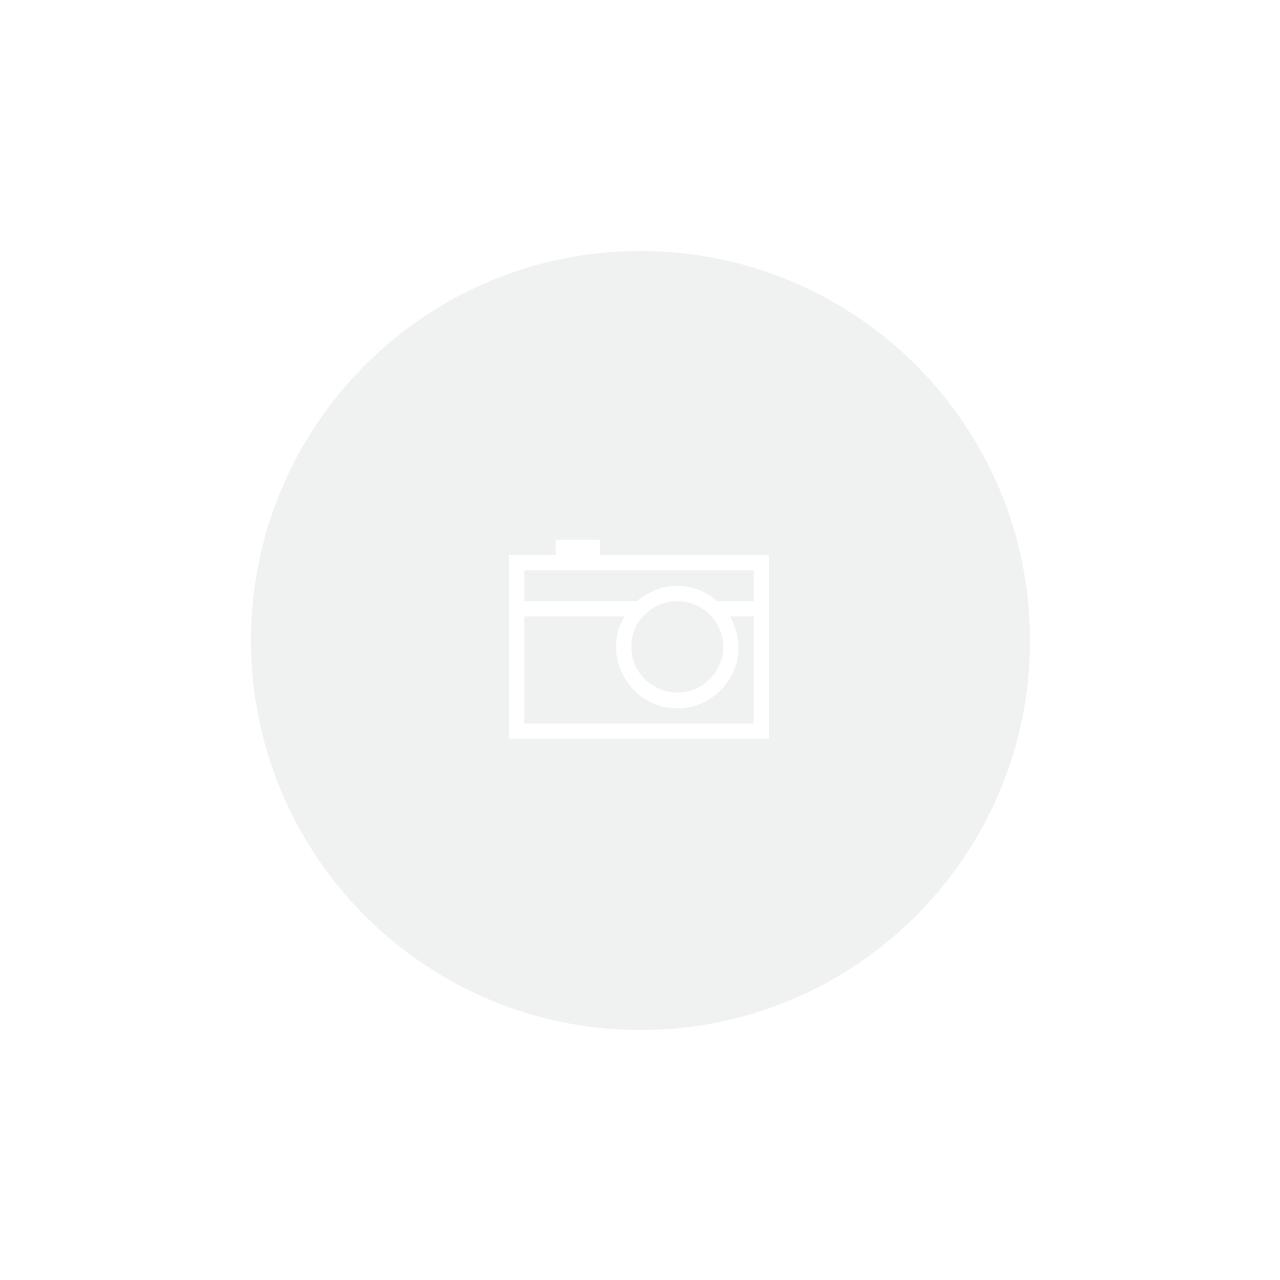 Filtro de ar Inbox BMC Air Filter para C 180 CGI / C 200 CGI / E 250 / E 250 CGI